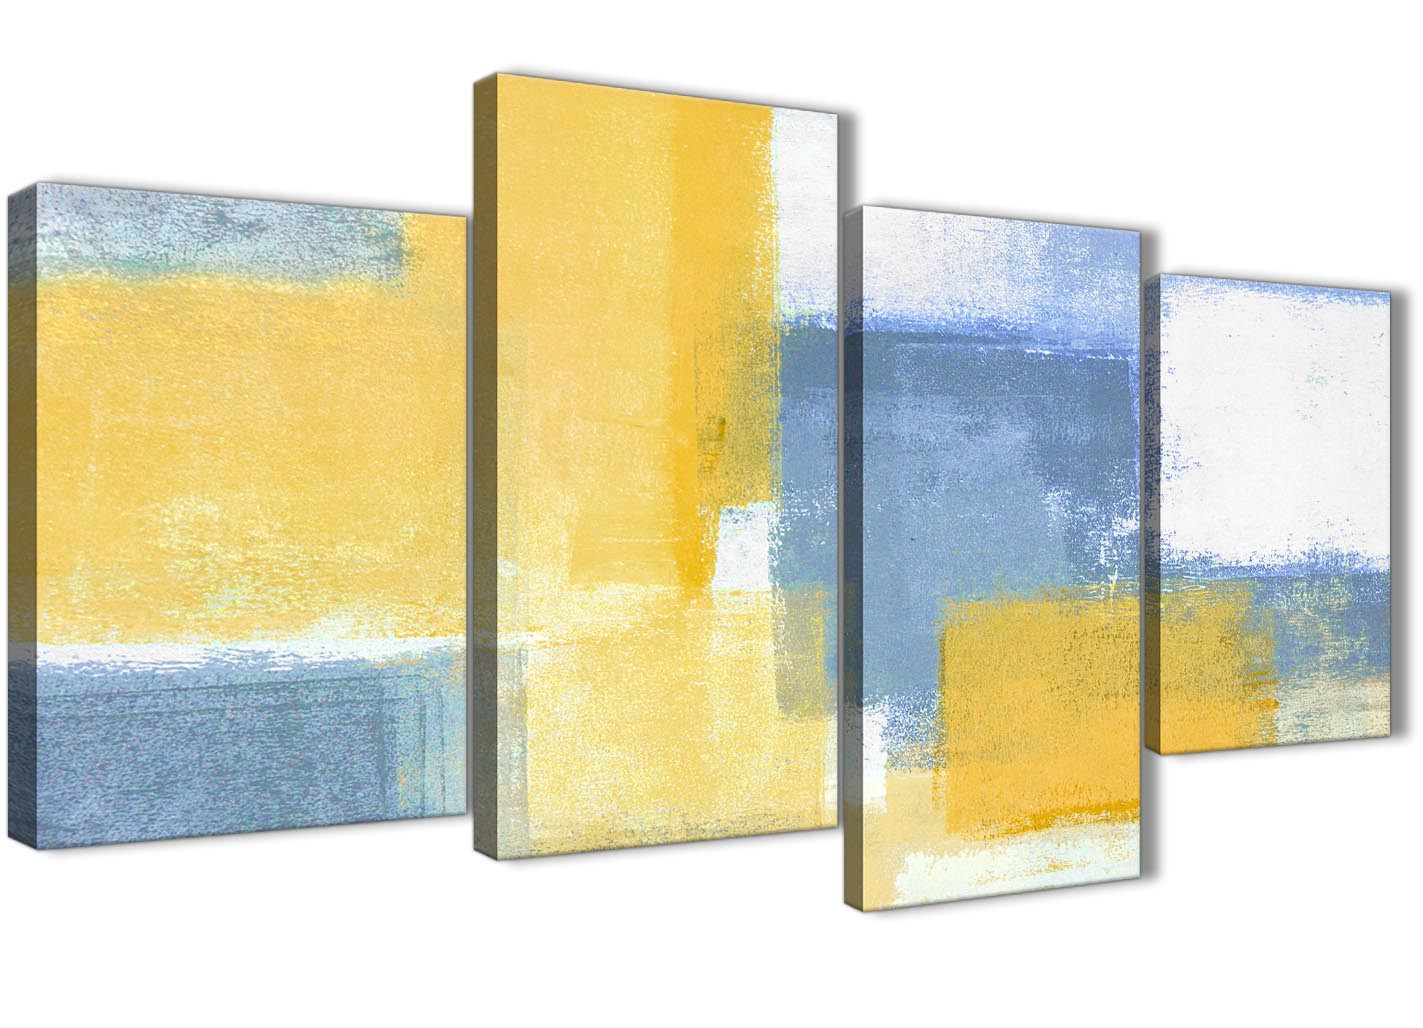 Metal Wall Art Abstract Modern Decor Sculpture Radiance Blue Yellow ...